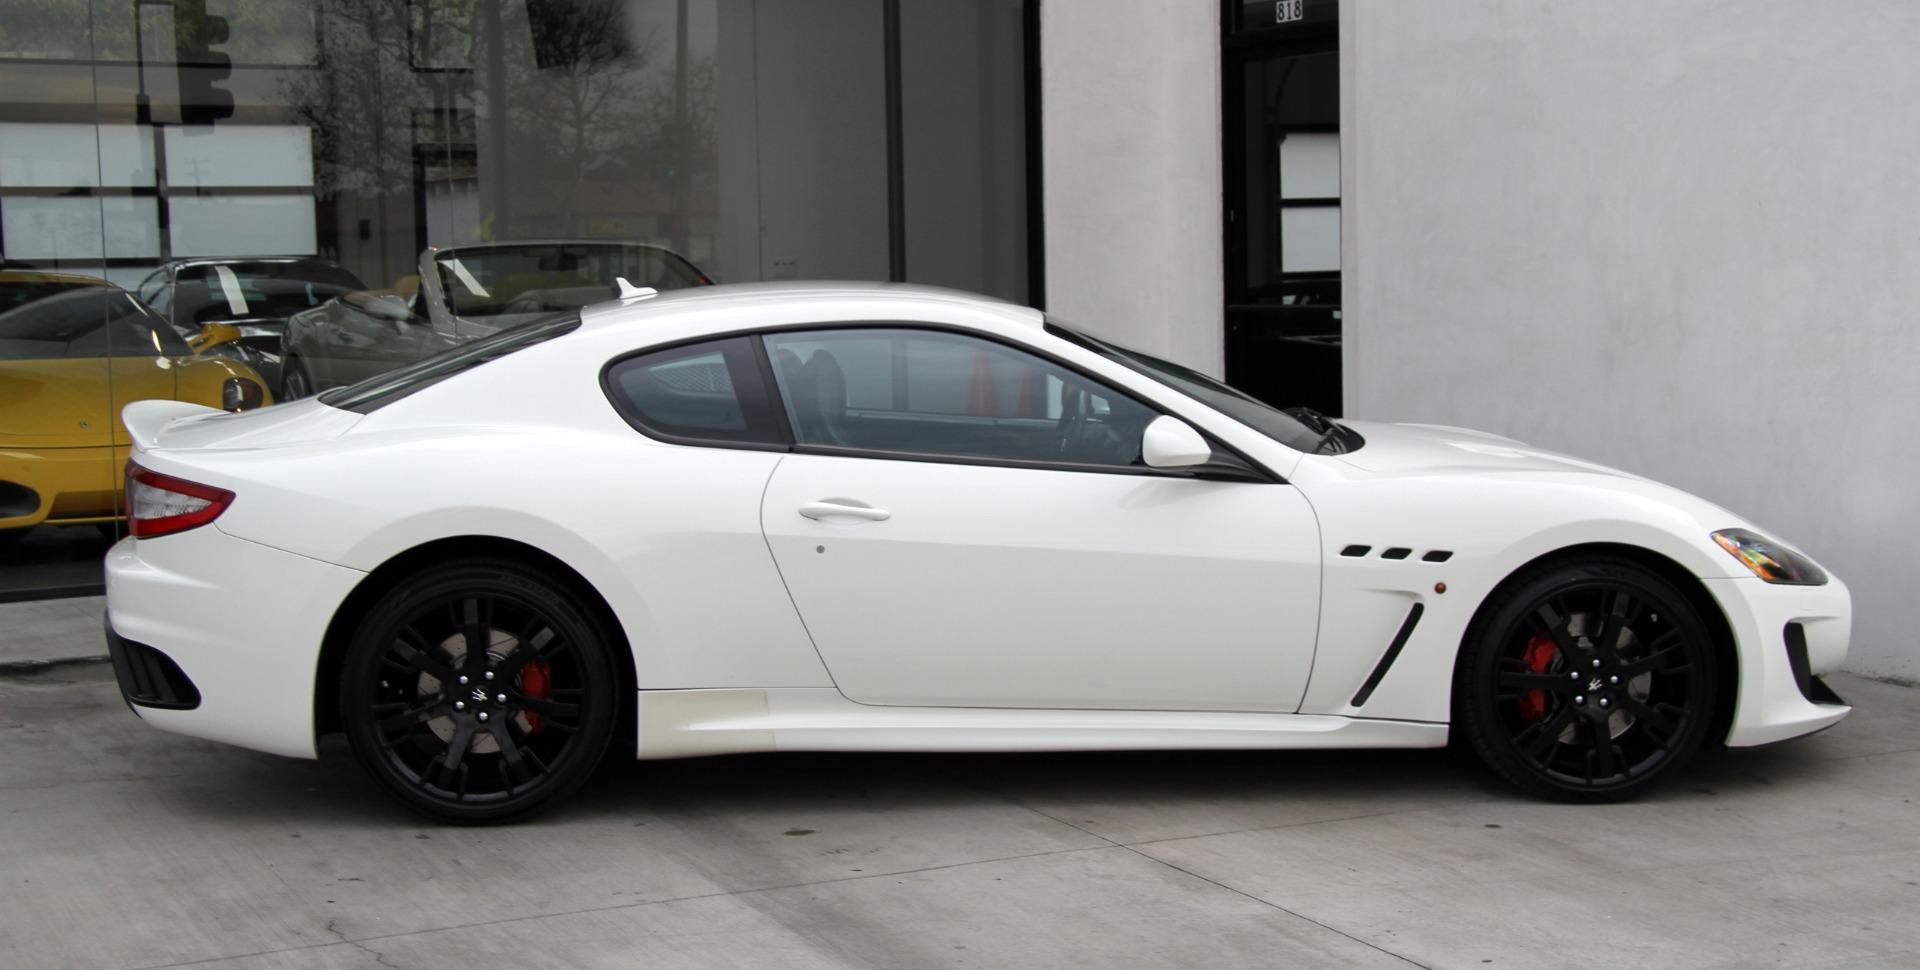 2013 Maserati Granturismo Mc Stradale Stock 6010a For